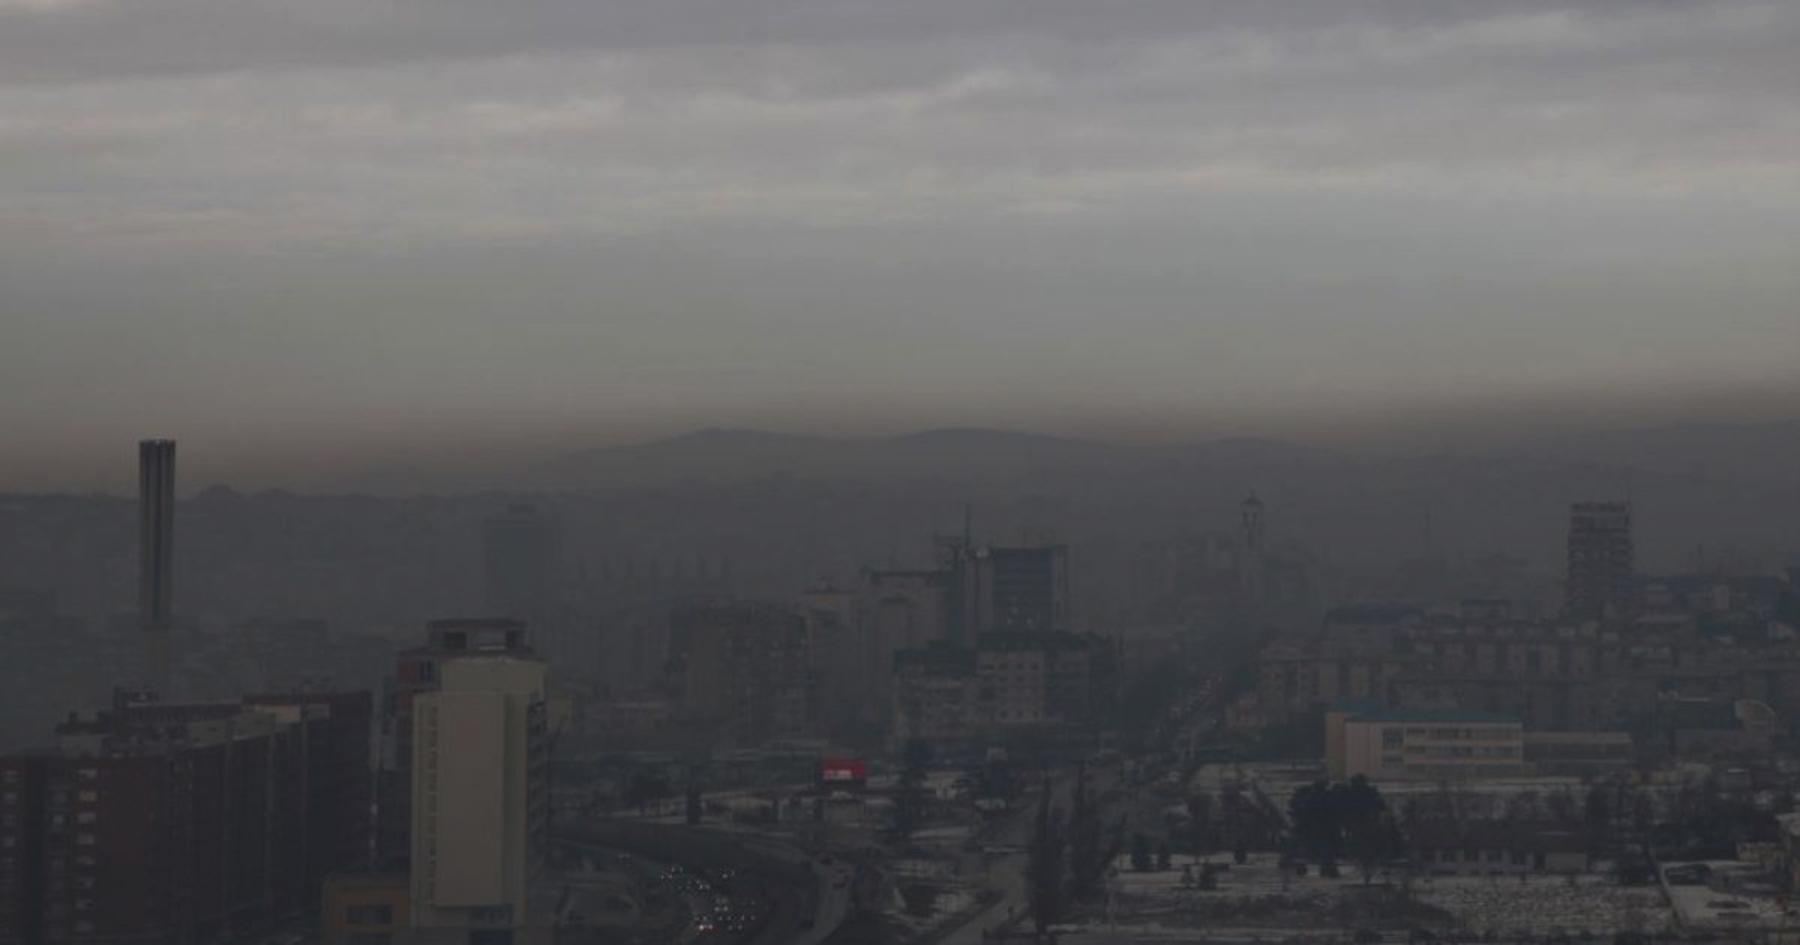 Me gjithë masat e marra, sërish do të kemi ndotje të ajrit